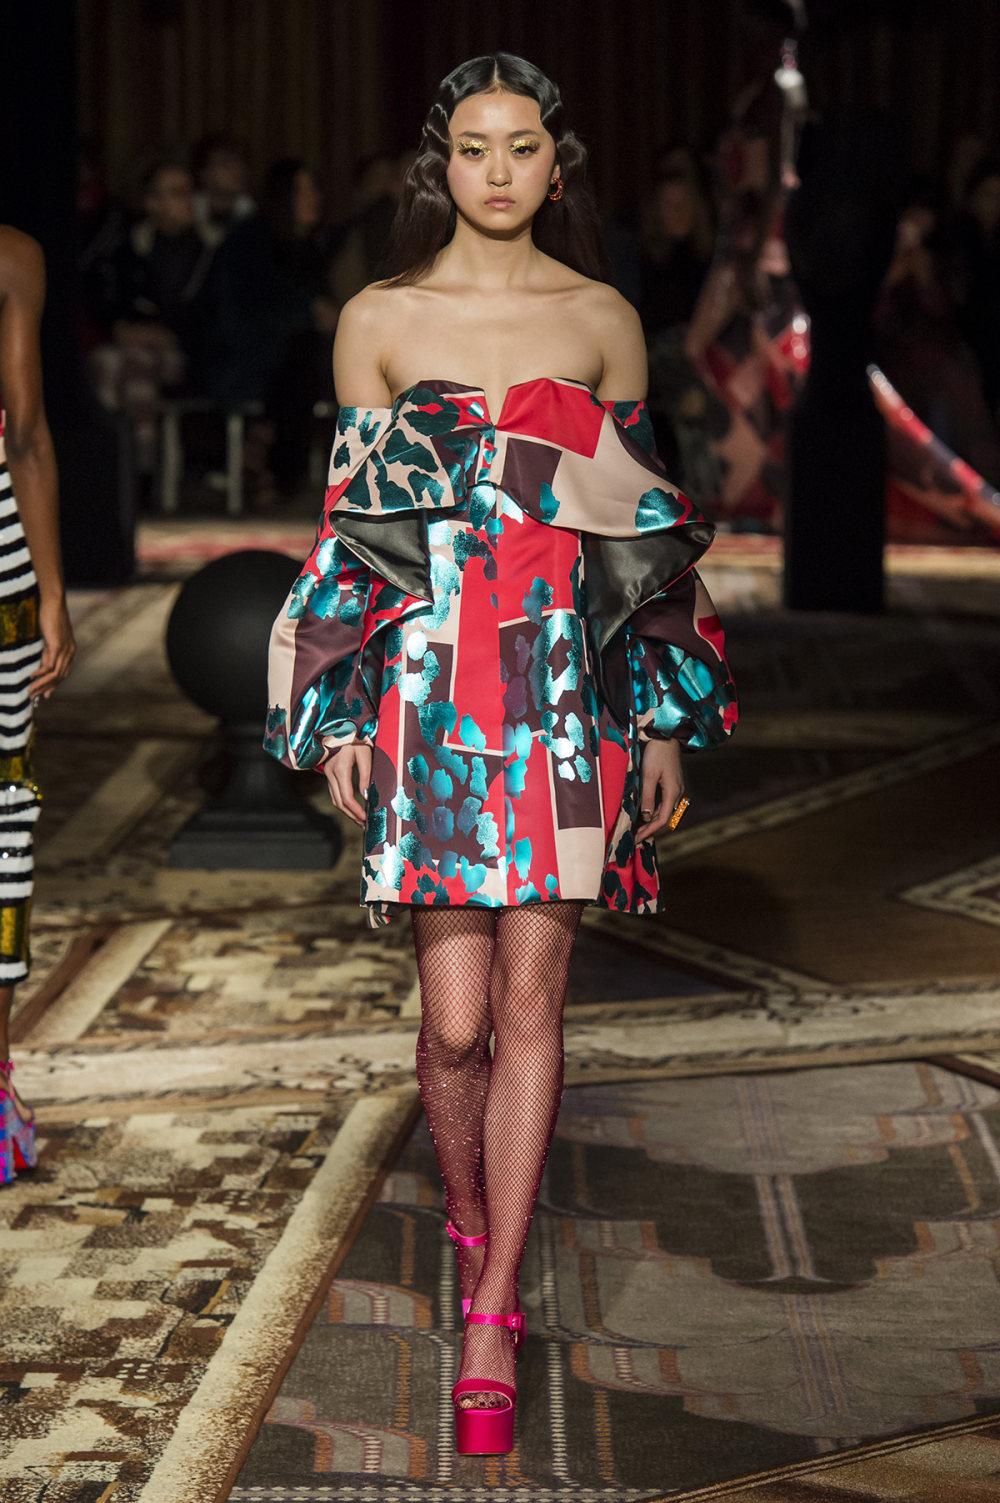 Halpern时装系列将幻想印花应用于宽大的缎面外套展示垂褶技巧-5.jpg